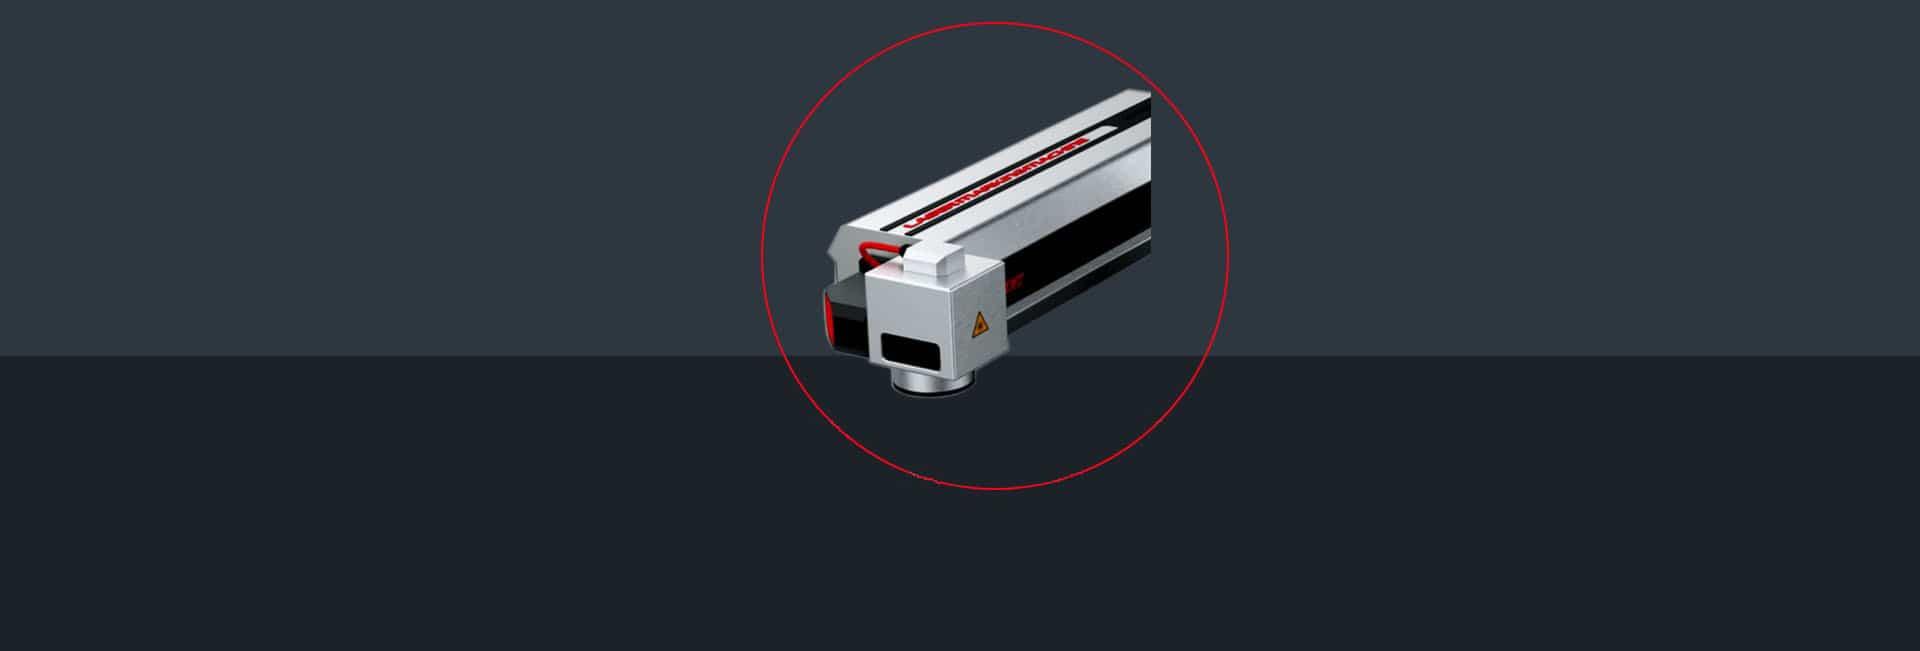 Лазерний маркувальник Fastjet F8100 лазерна голівка